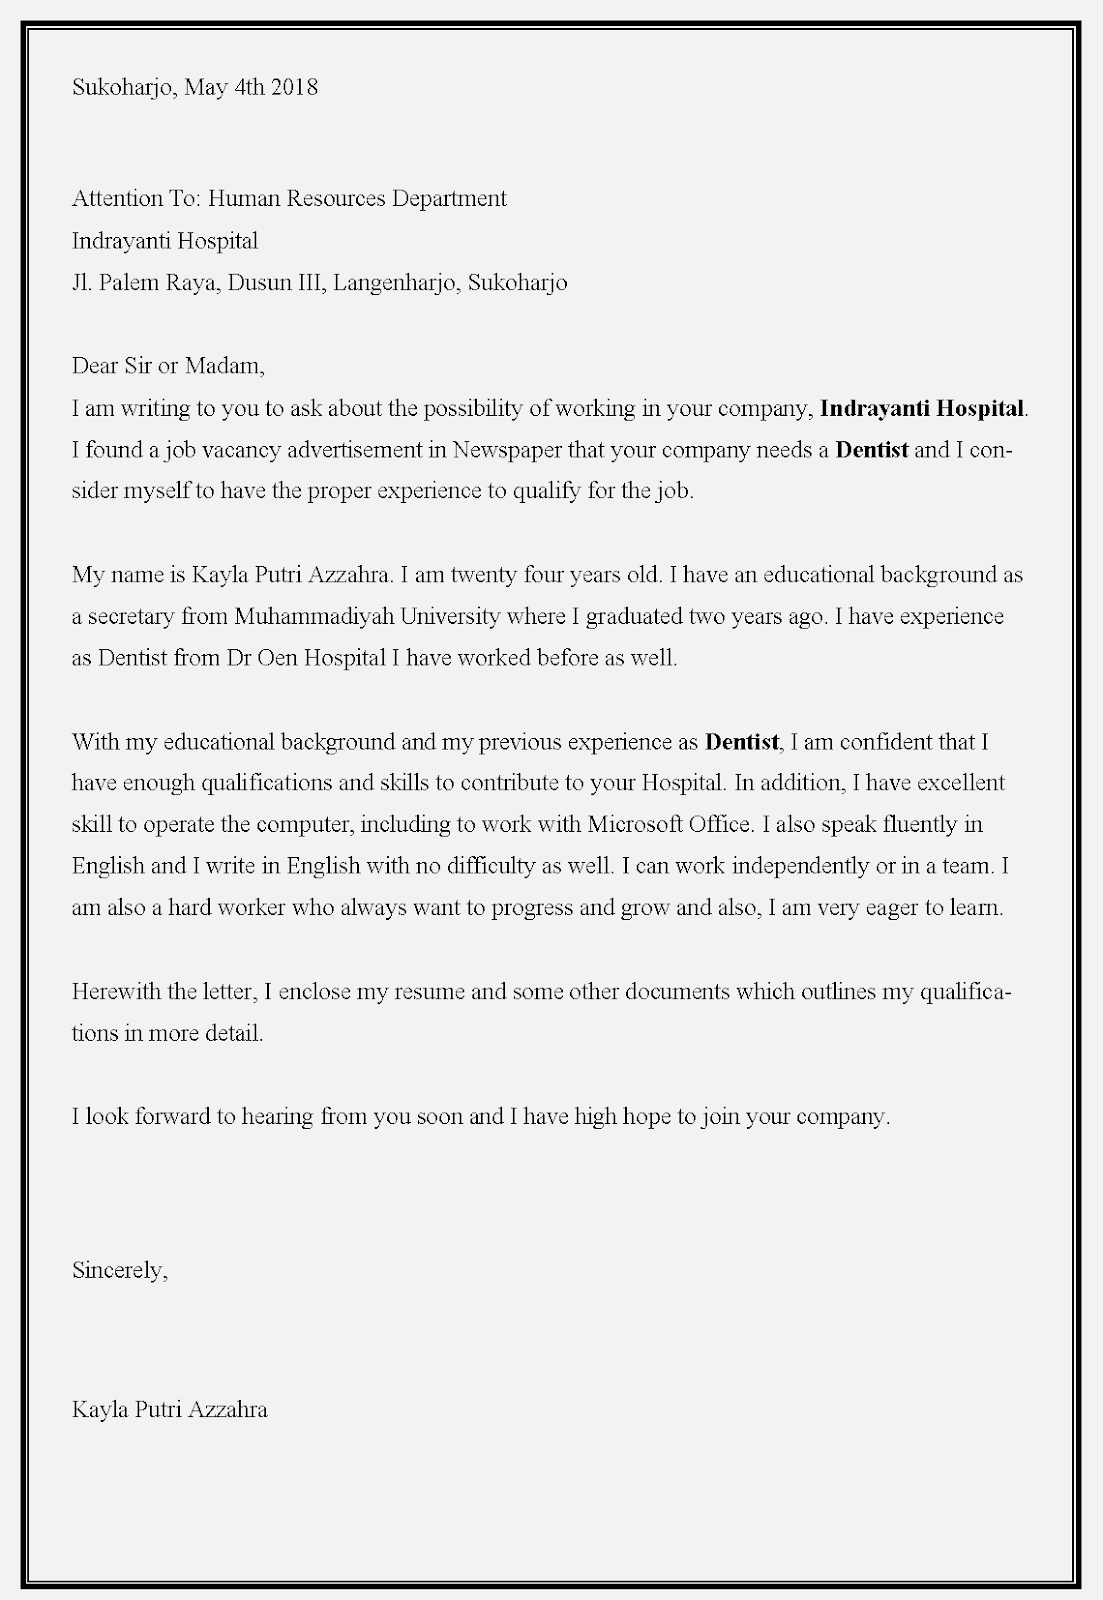 15+ Contoh surat lamaran kerja dokter Terbaik - Contoh Surat